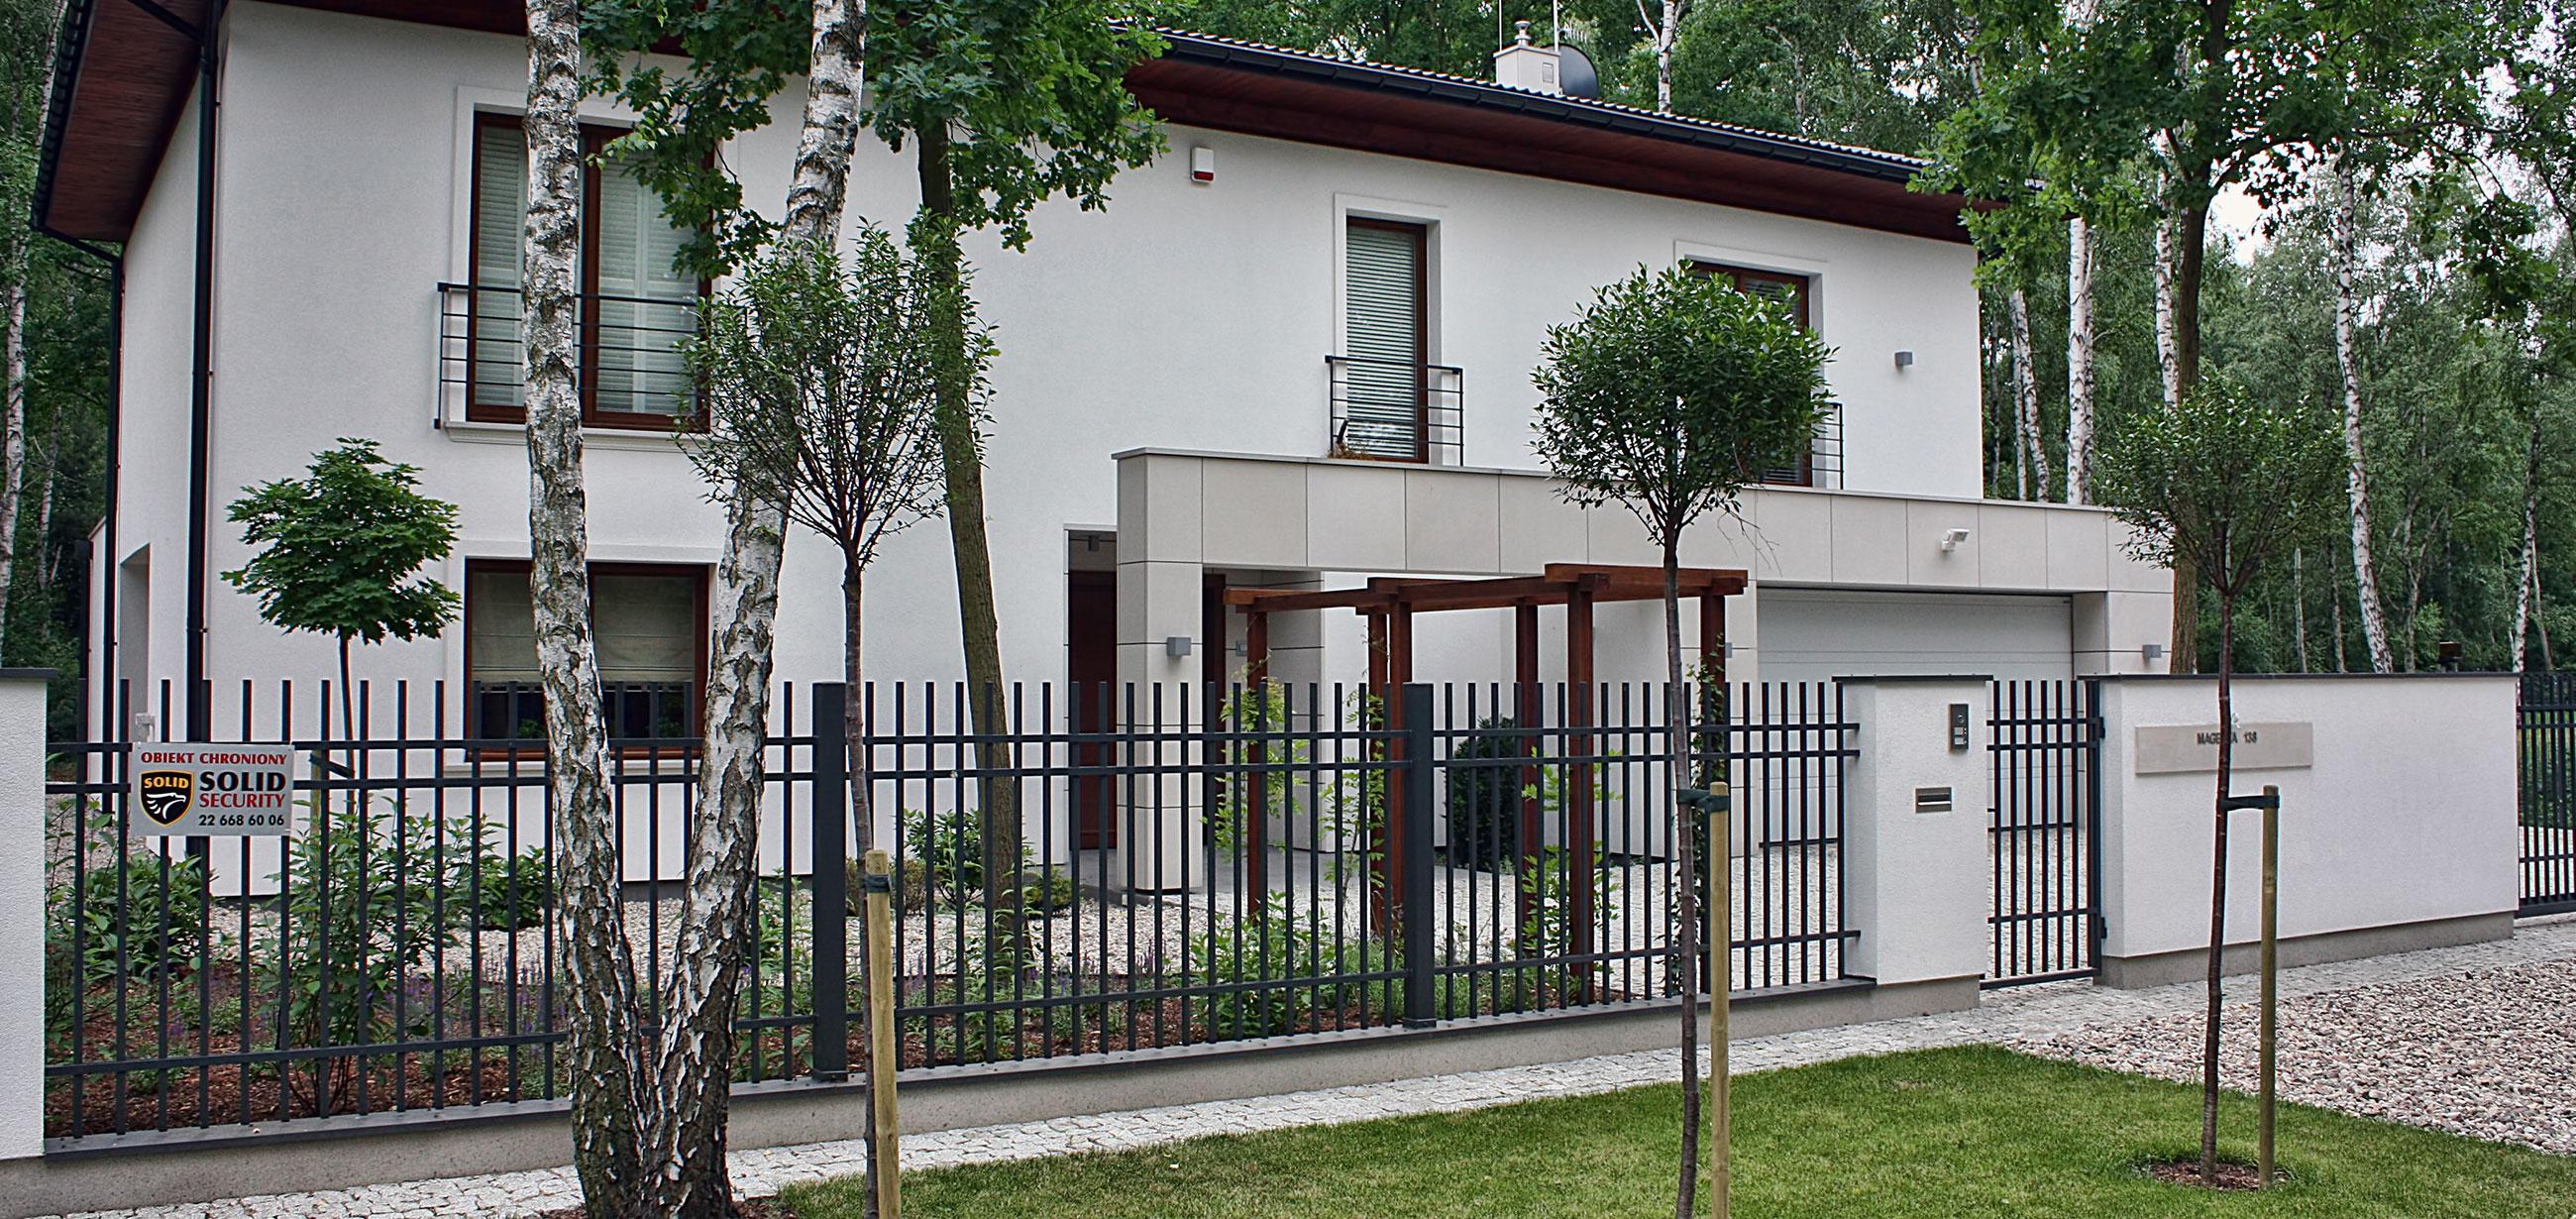 LAB-ARCHITEKCI—Architektura-2